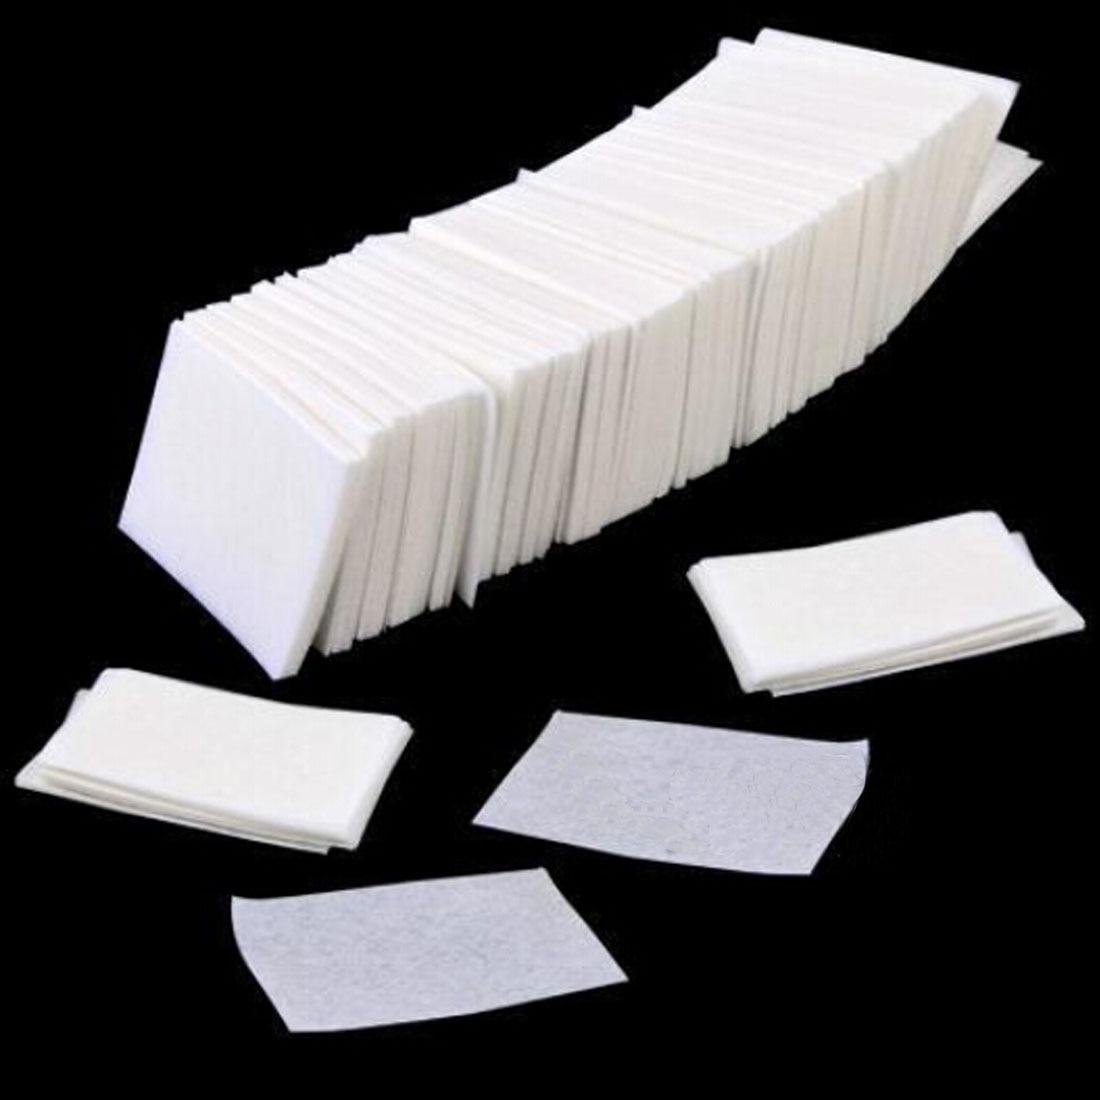 400/800 шт., влажные салфетки для ногтей, акриловый гель для удаления полотенец, бумажные хлопковые подушечки, рулон, салонный дизайн ногтей, оч...